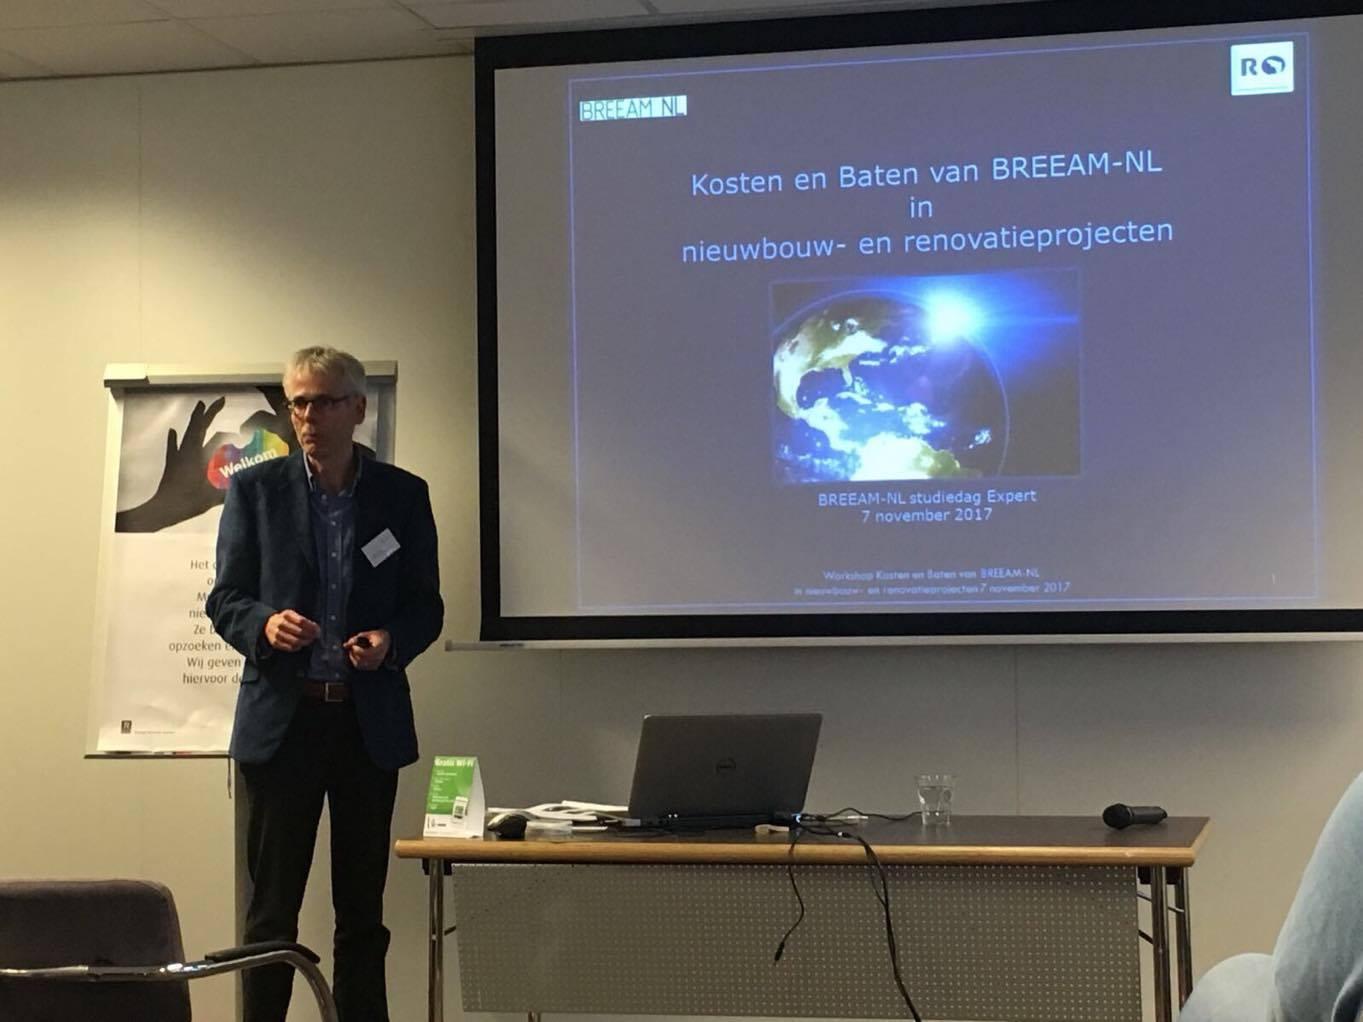 studiedag expert BREEAM-NL 1